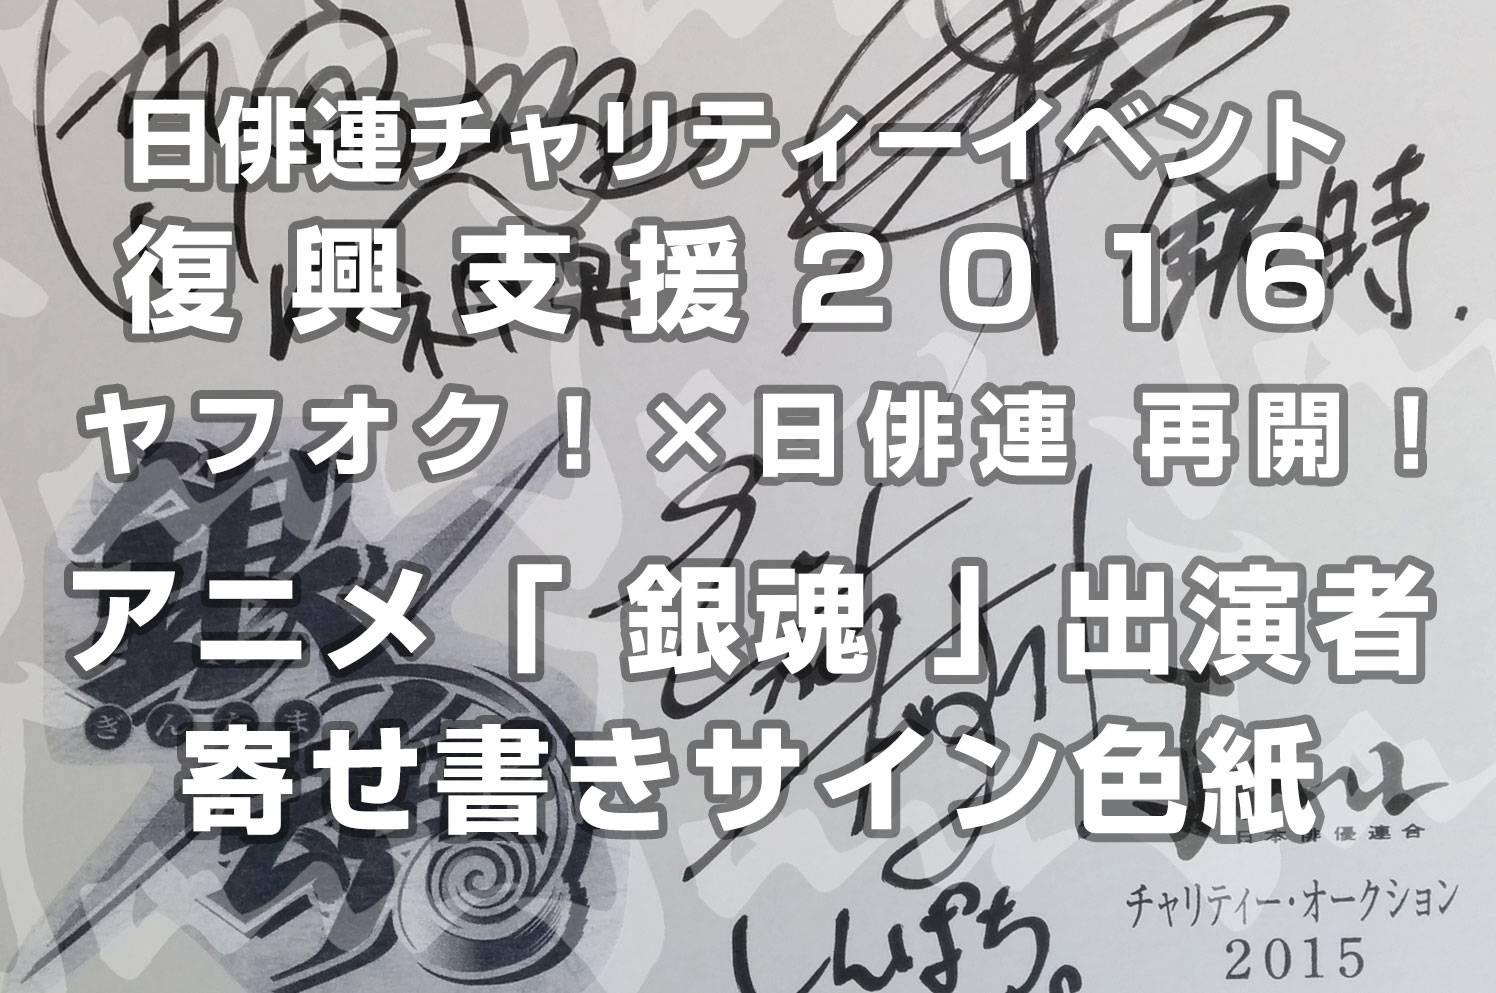 【終了いたしました】ヤフオク!×日俳連 アニメ「 #銀魂 」出演者寄せ書きサイン色紙